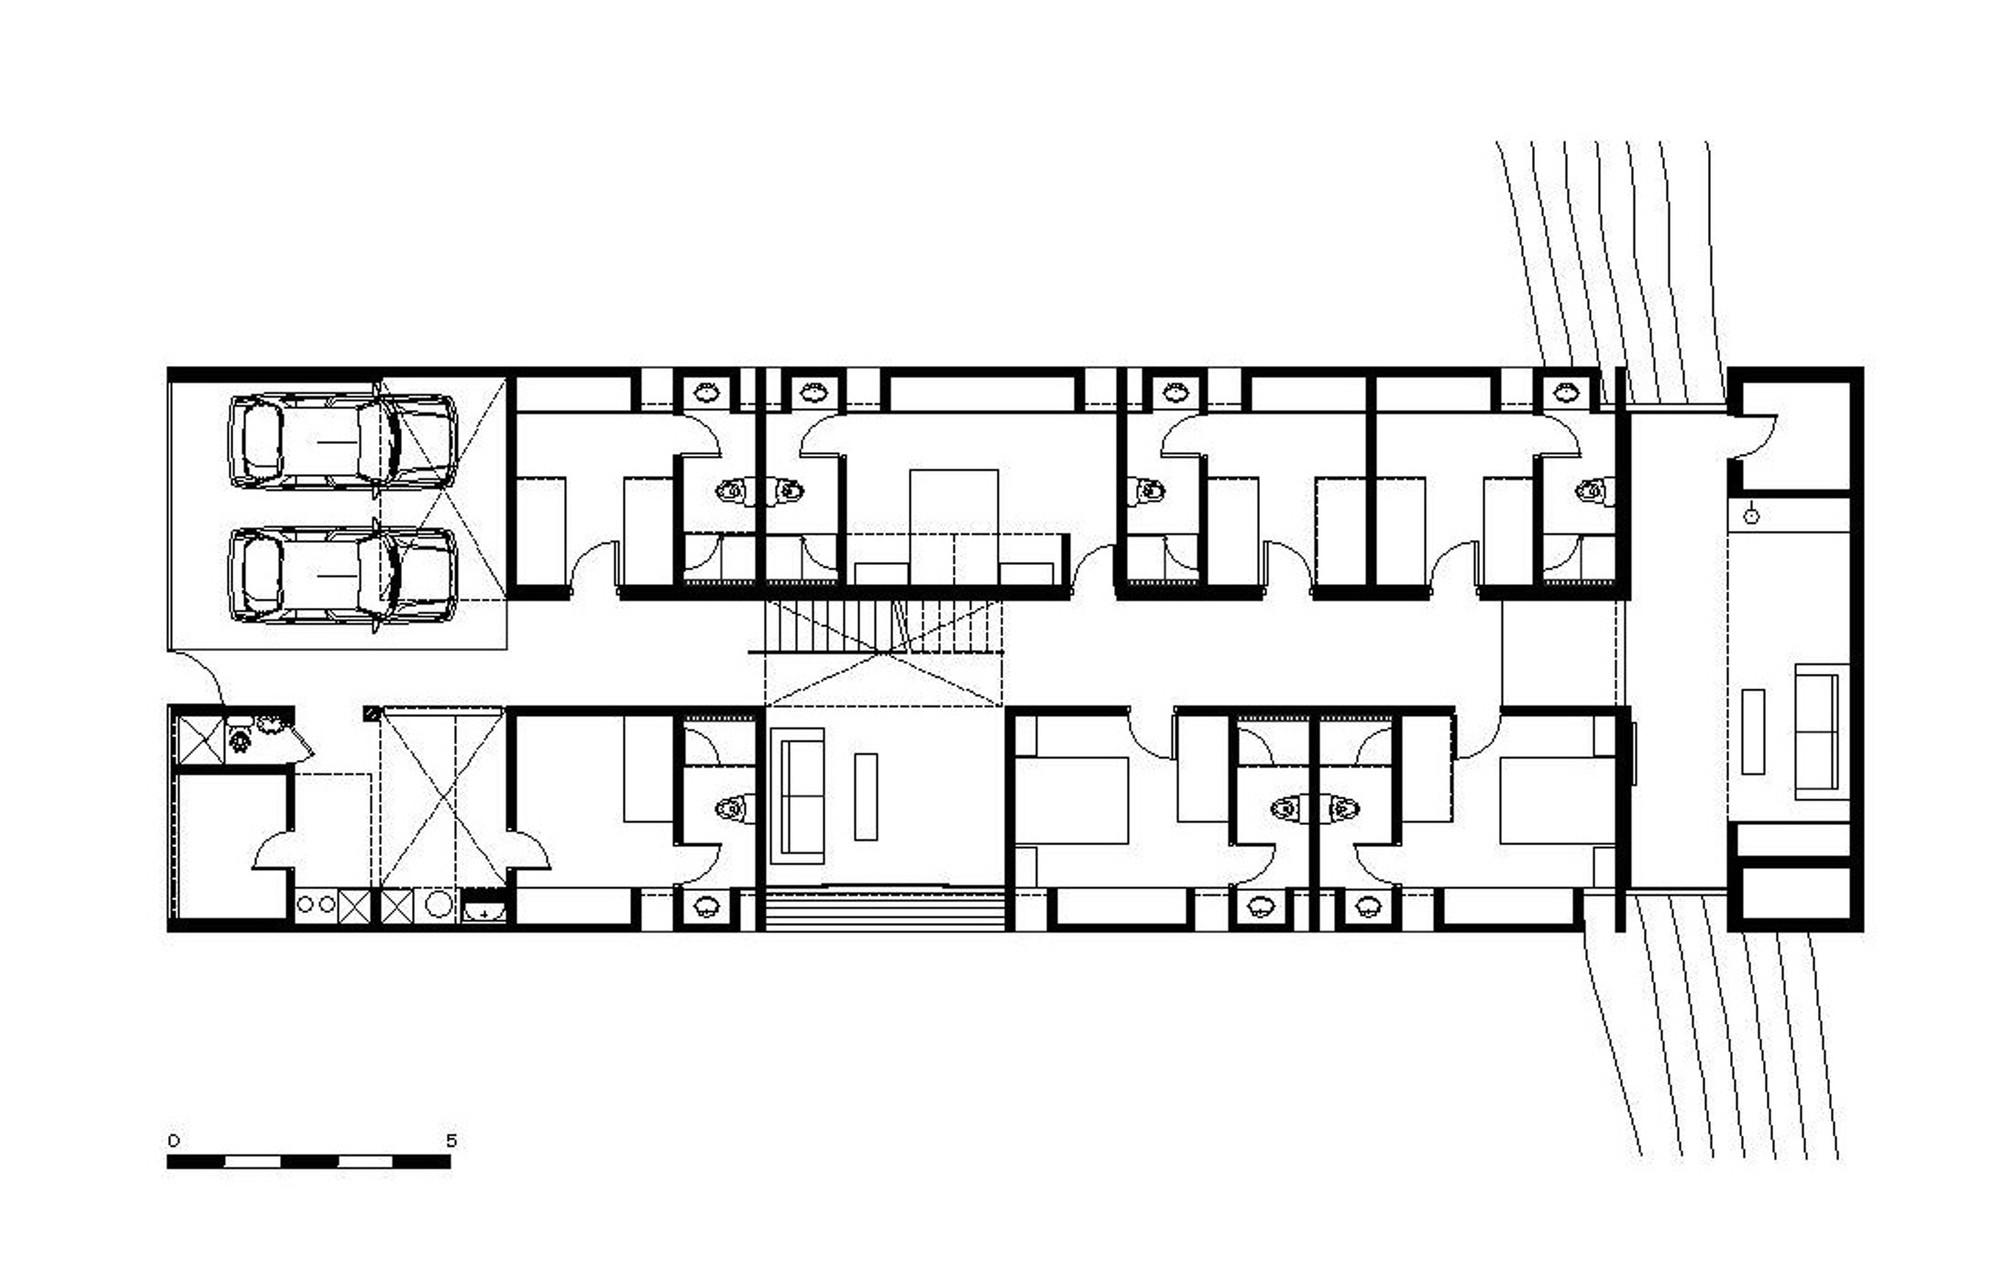 Plan Floor 1